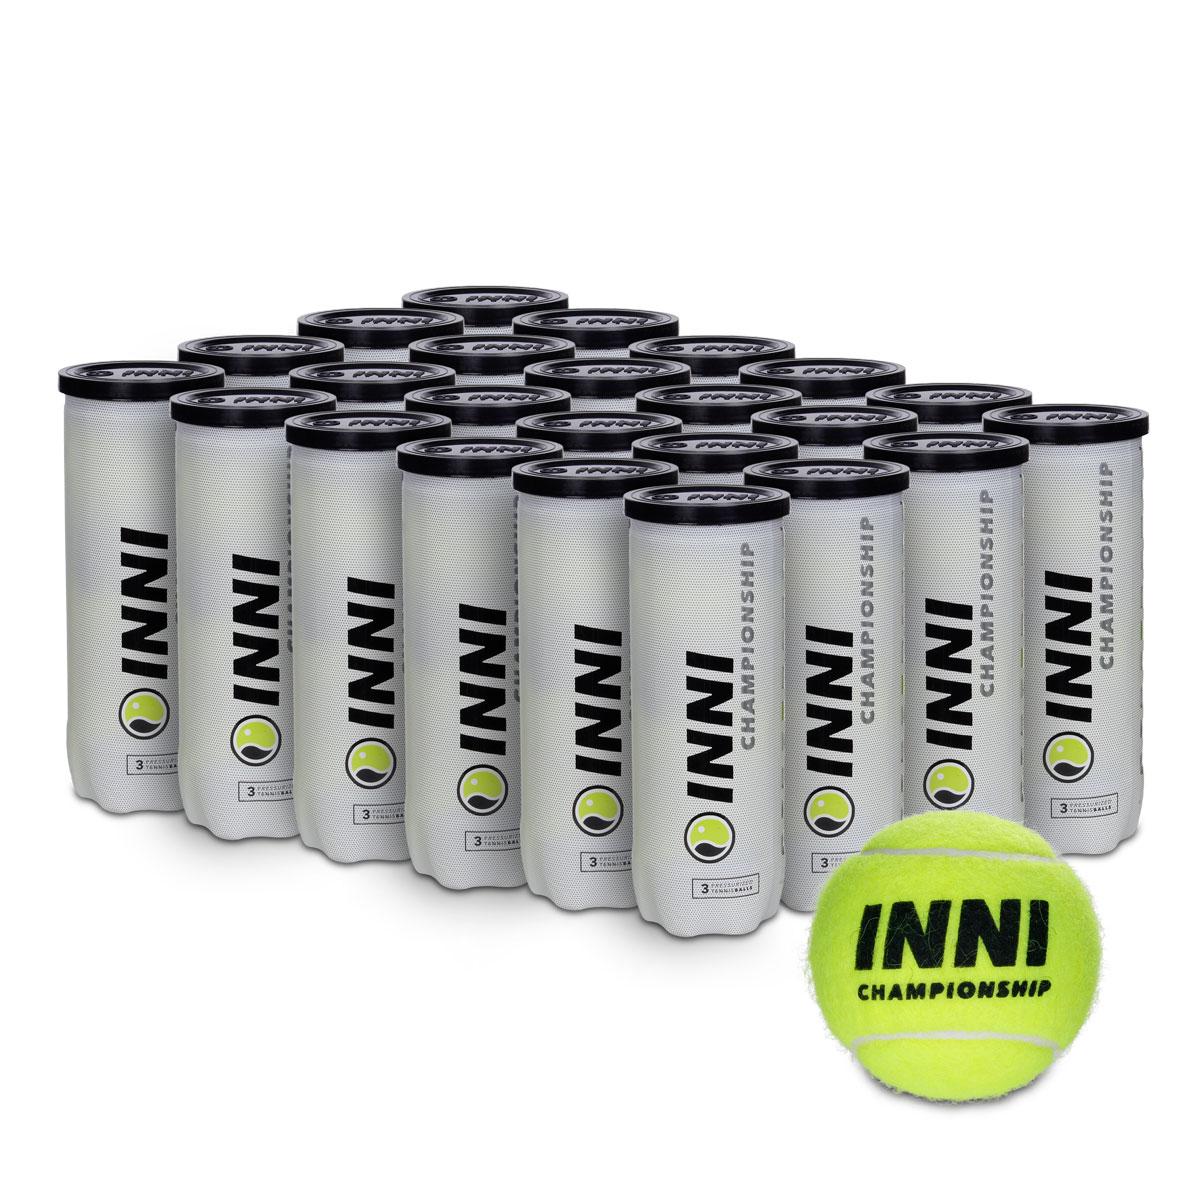 Bola de Tênis Inni Championship - Caixa com 24 Tubos  - PROTENISTA